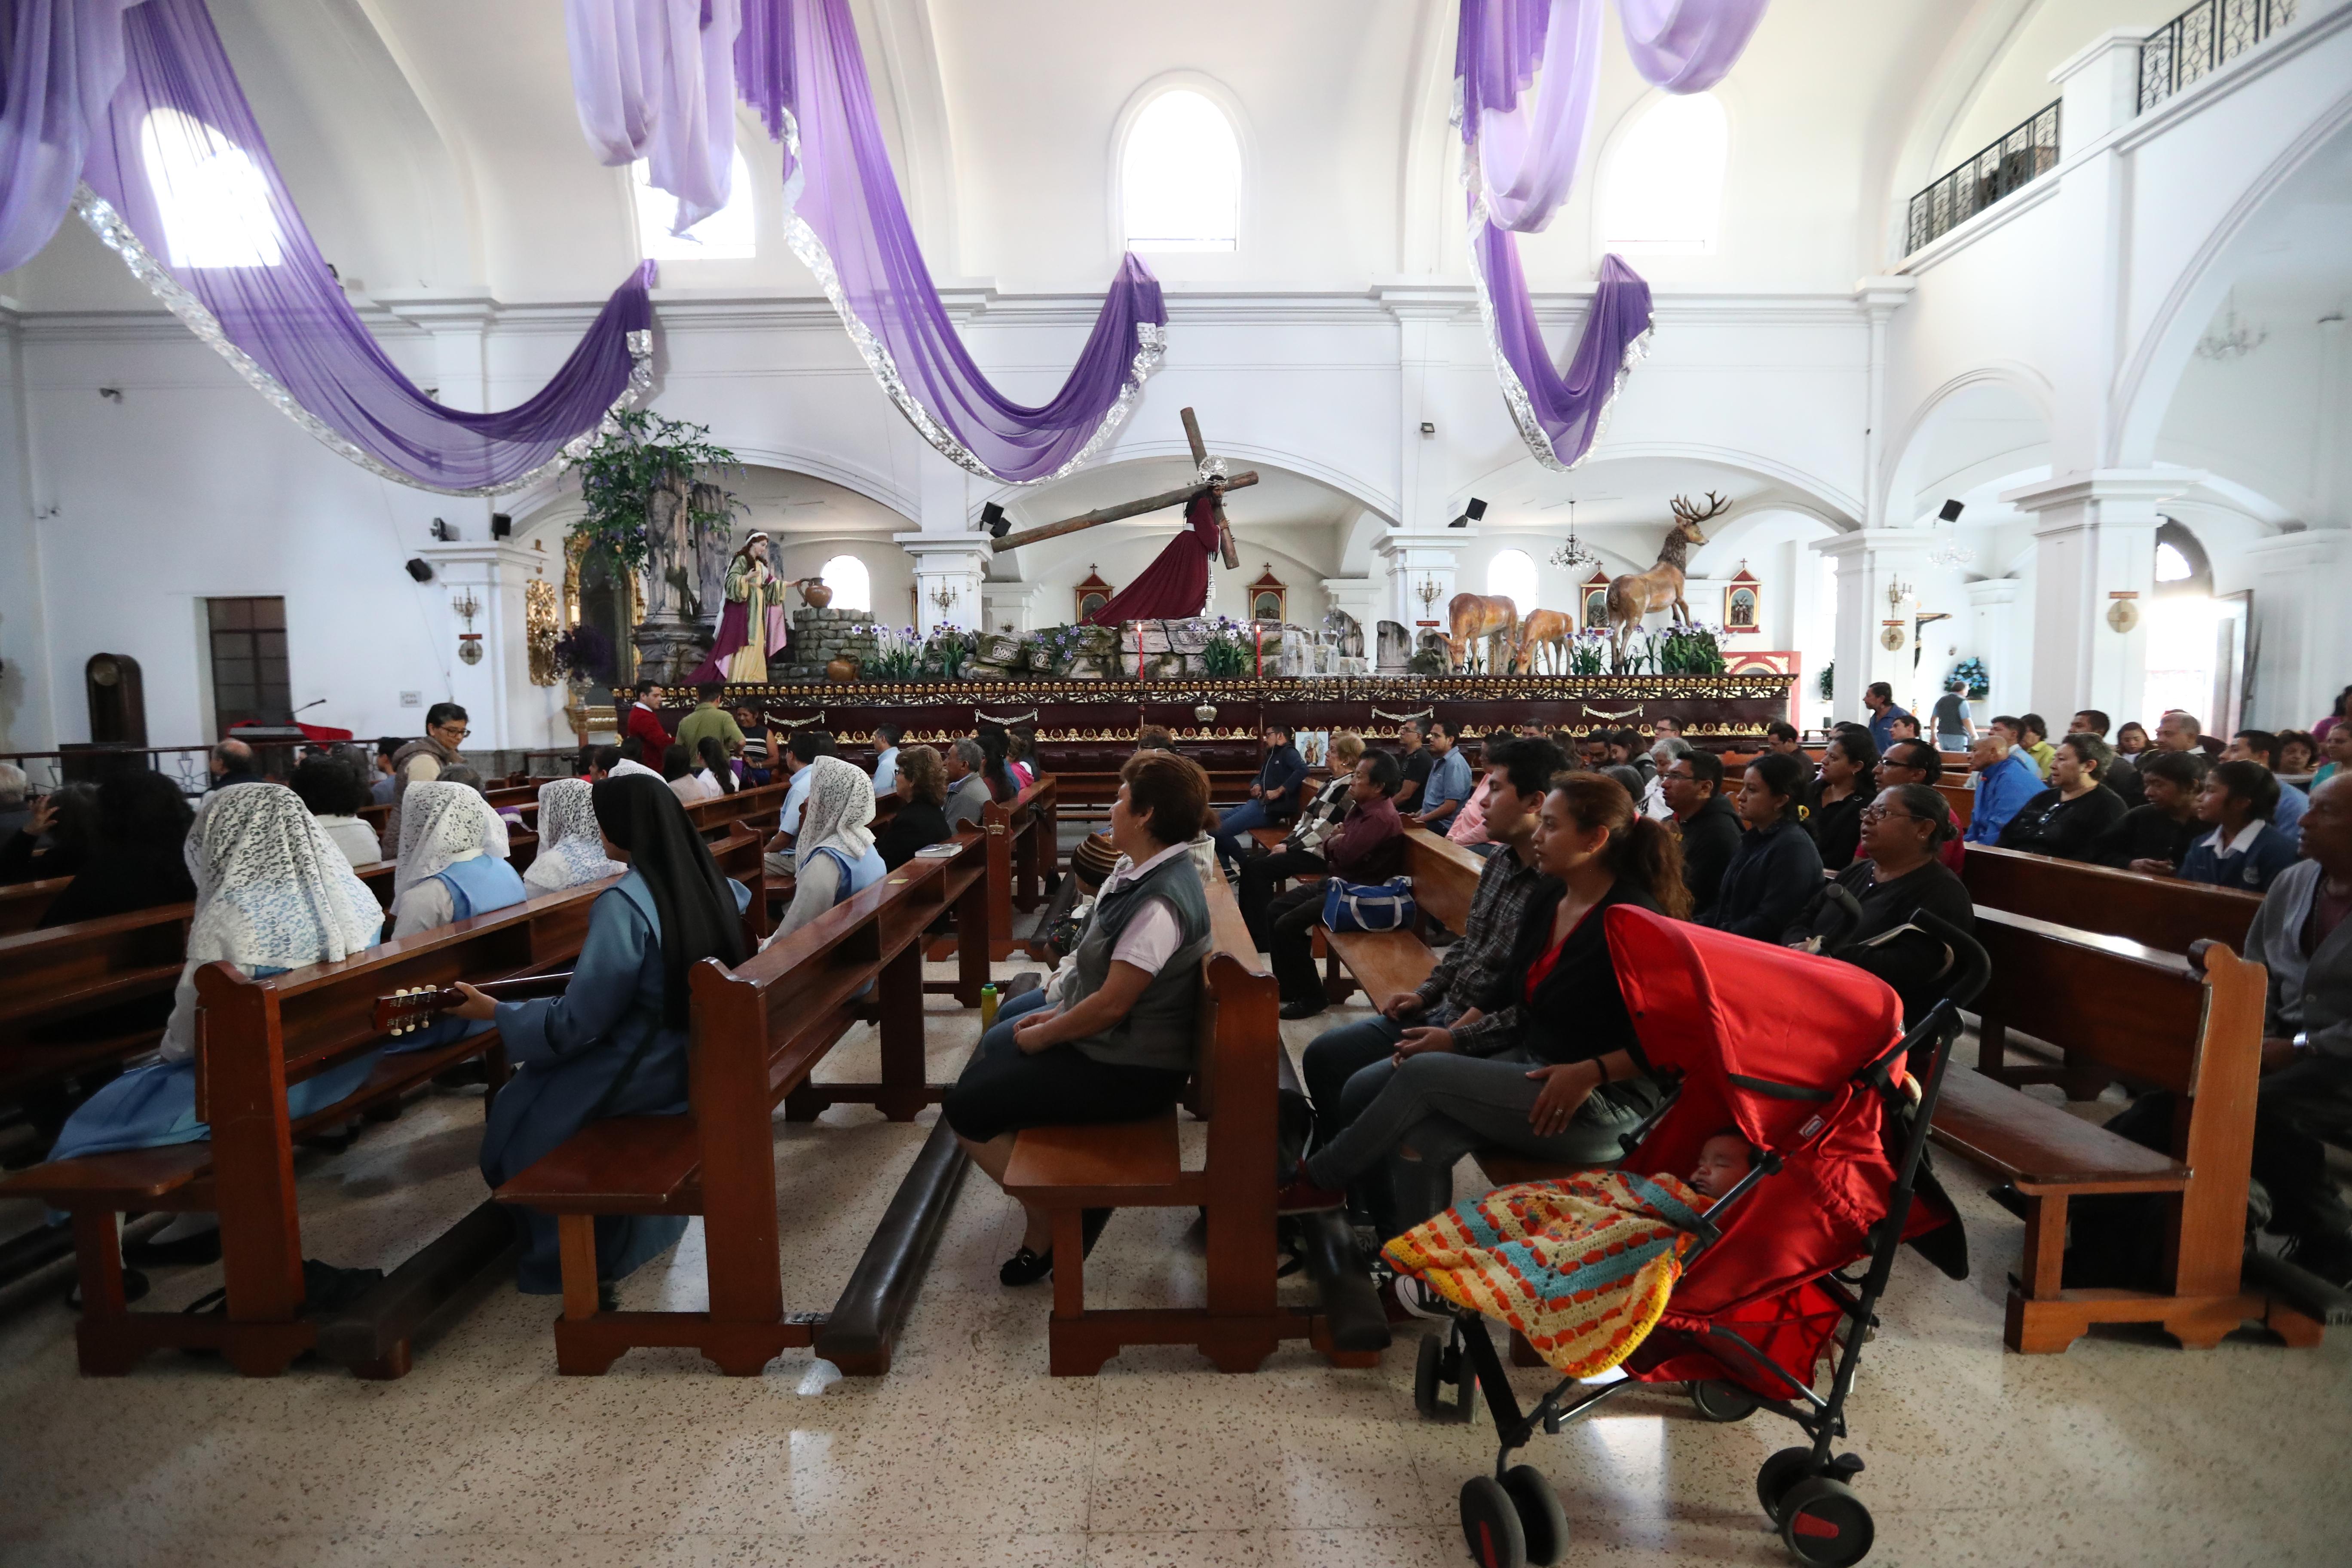 Durante la misa en la iglesia San José se pudo observar el anda procesional de Jesús de los Milagros. (Foto Prensa Libre: Óscar Rivas.)